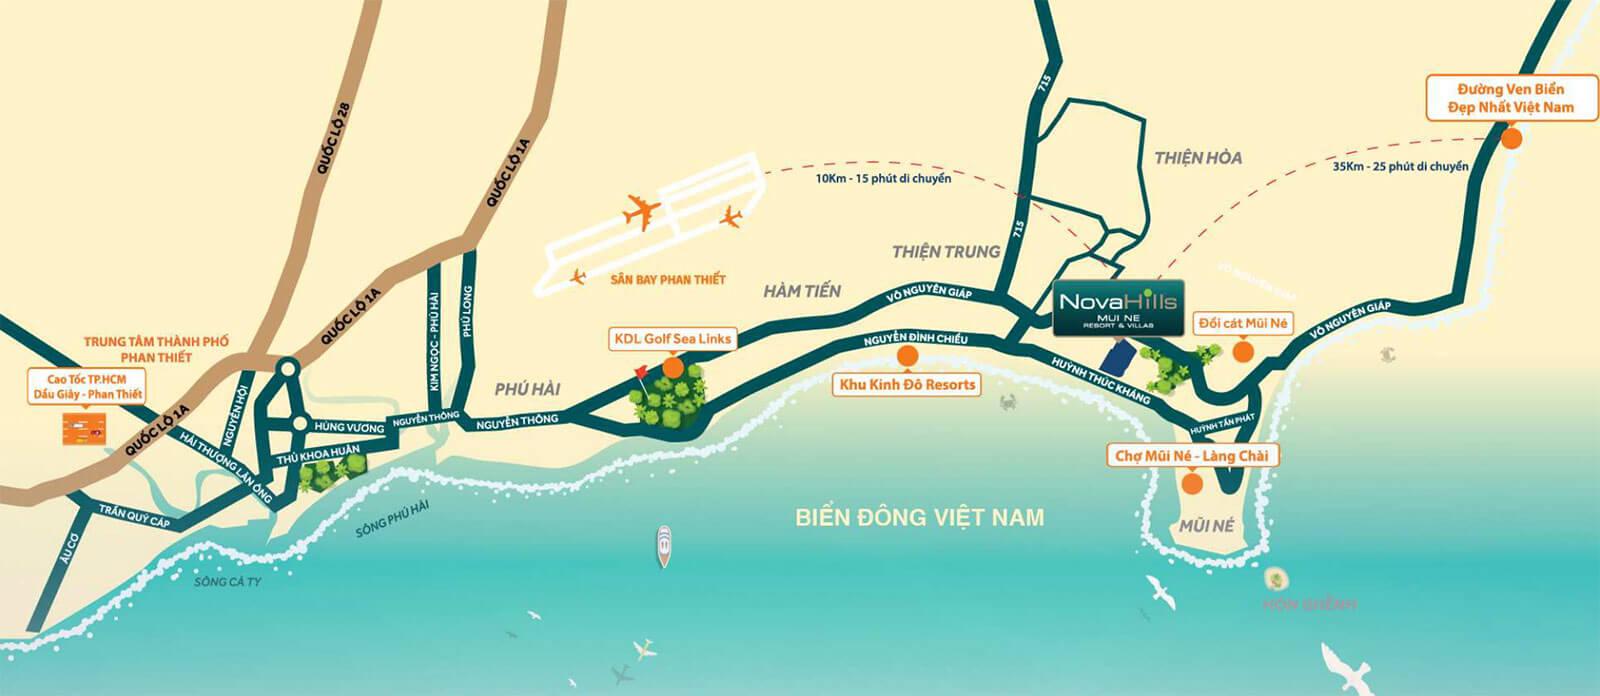 Biệt thự biển Avani Phan Thiết